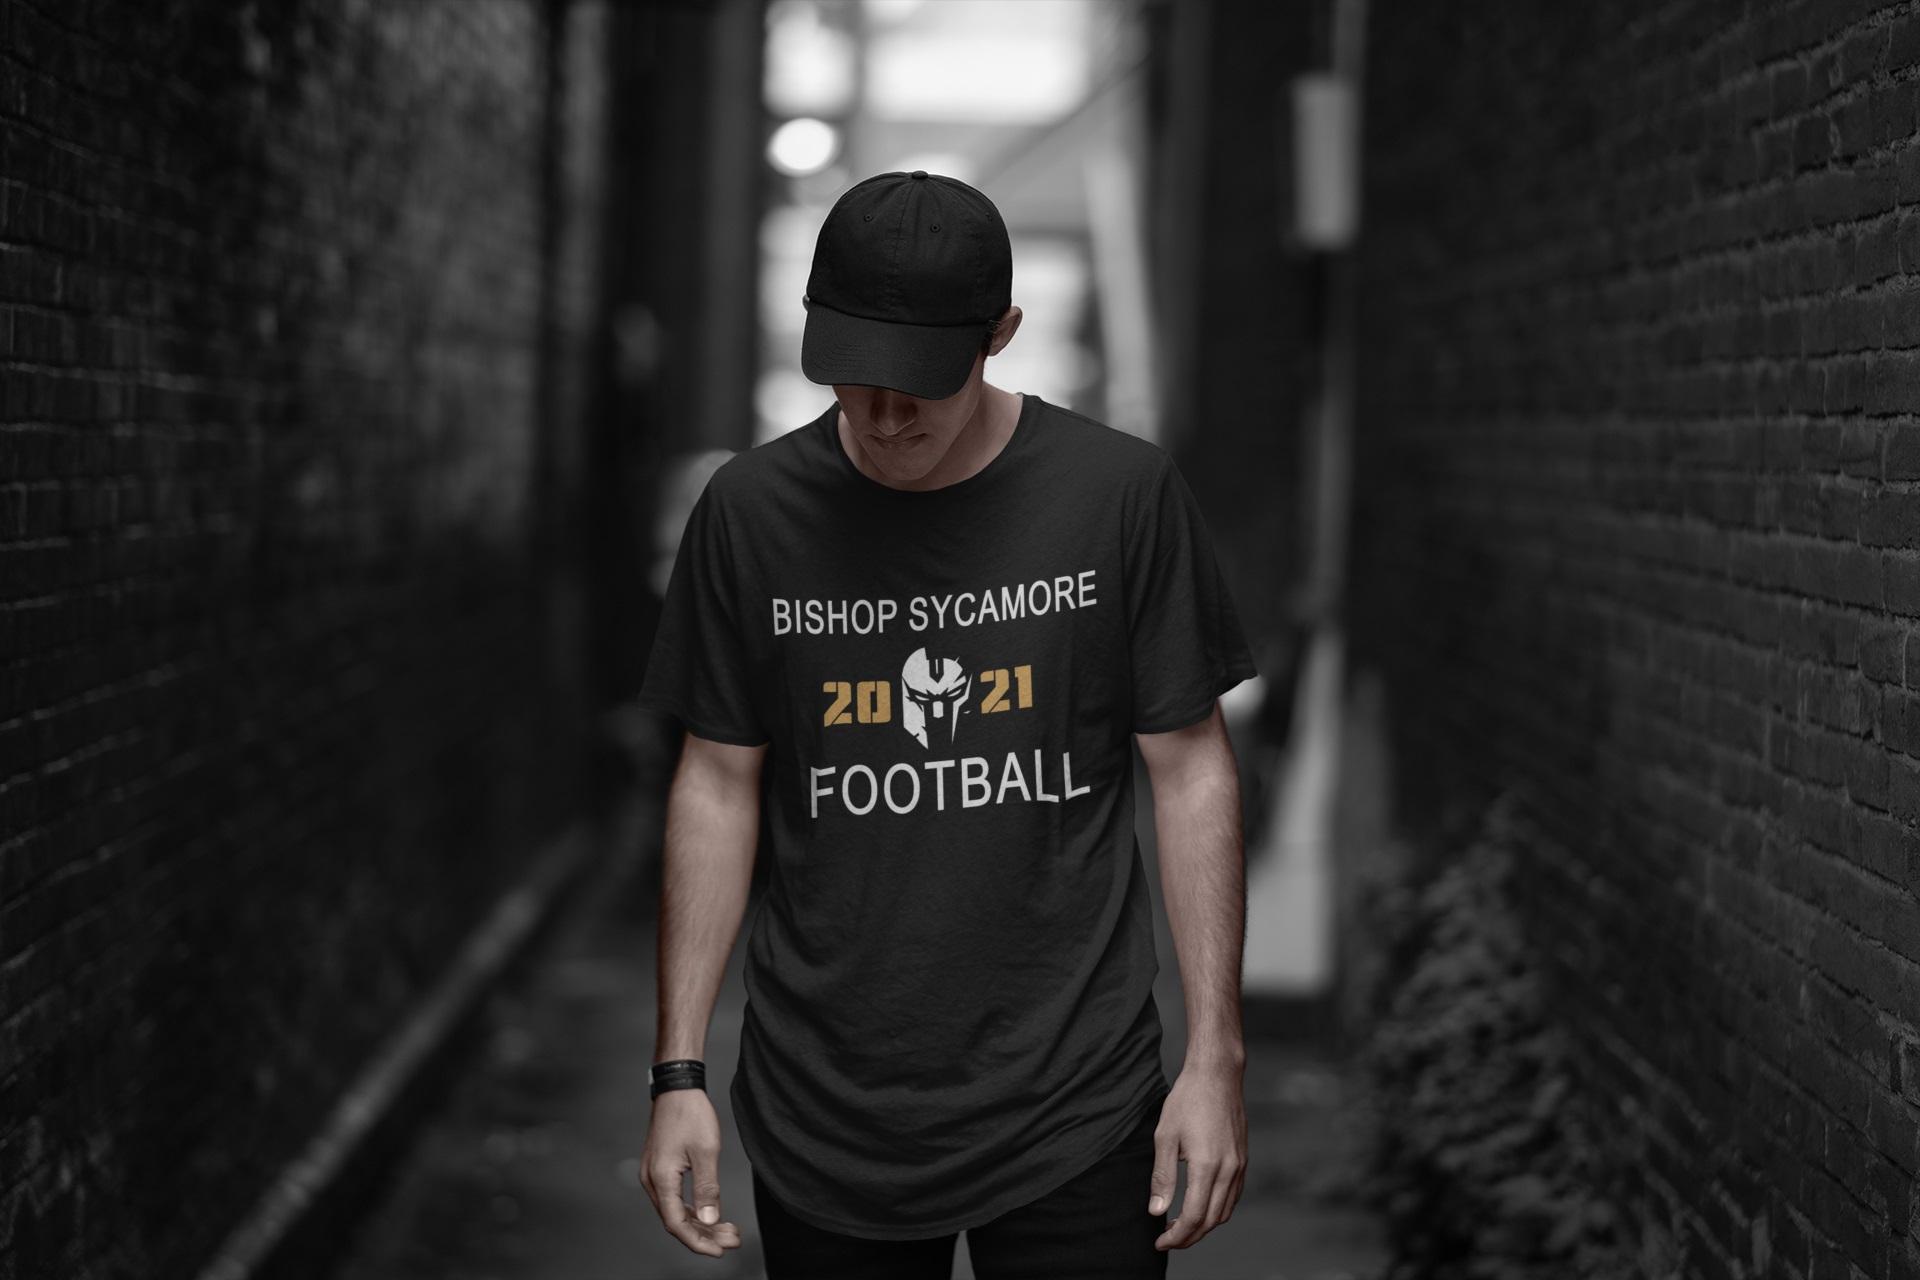 Bishop Sycamore Football 2021 Shirt